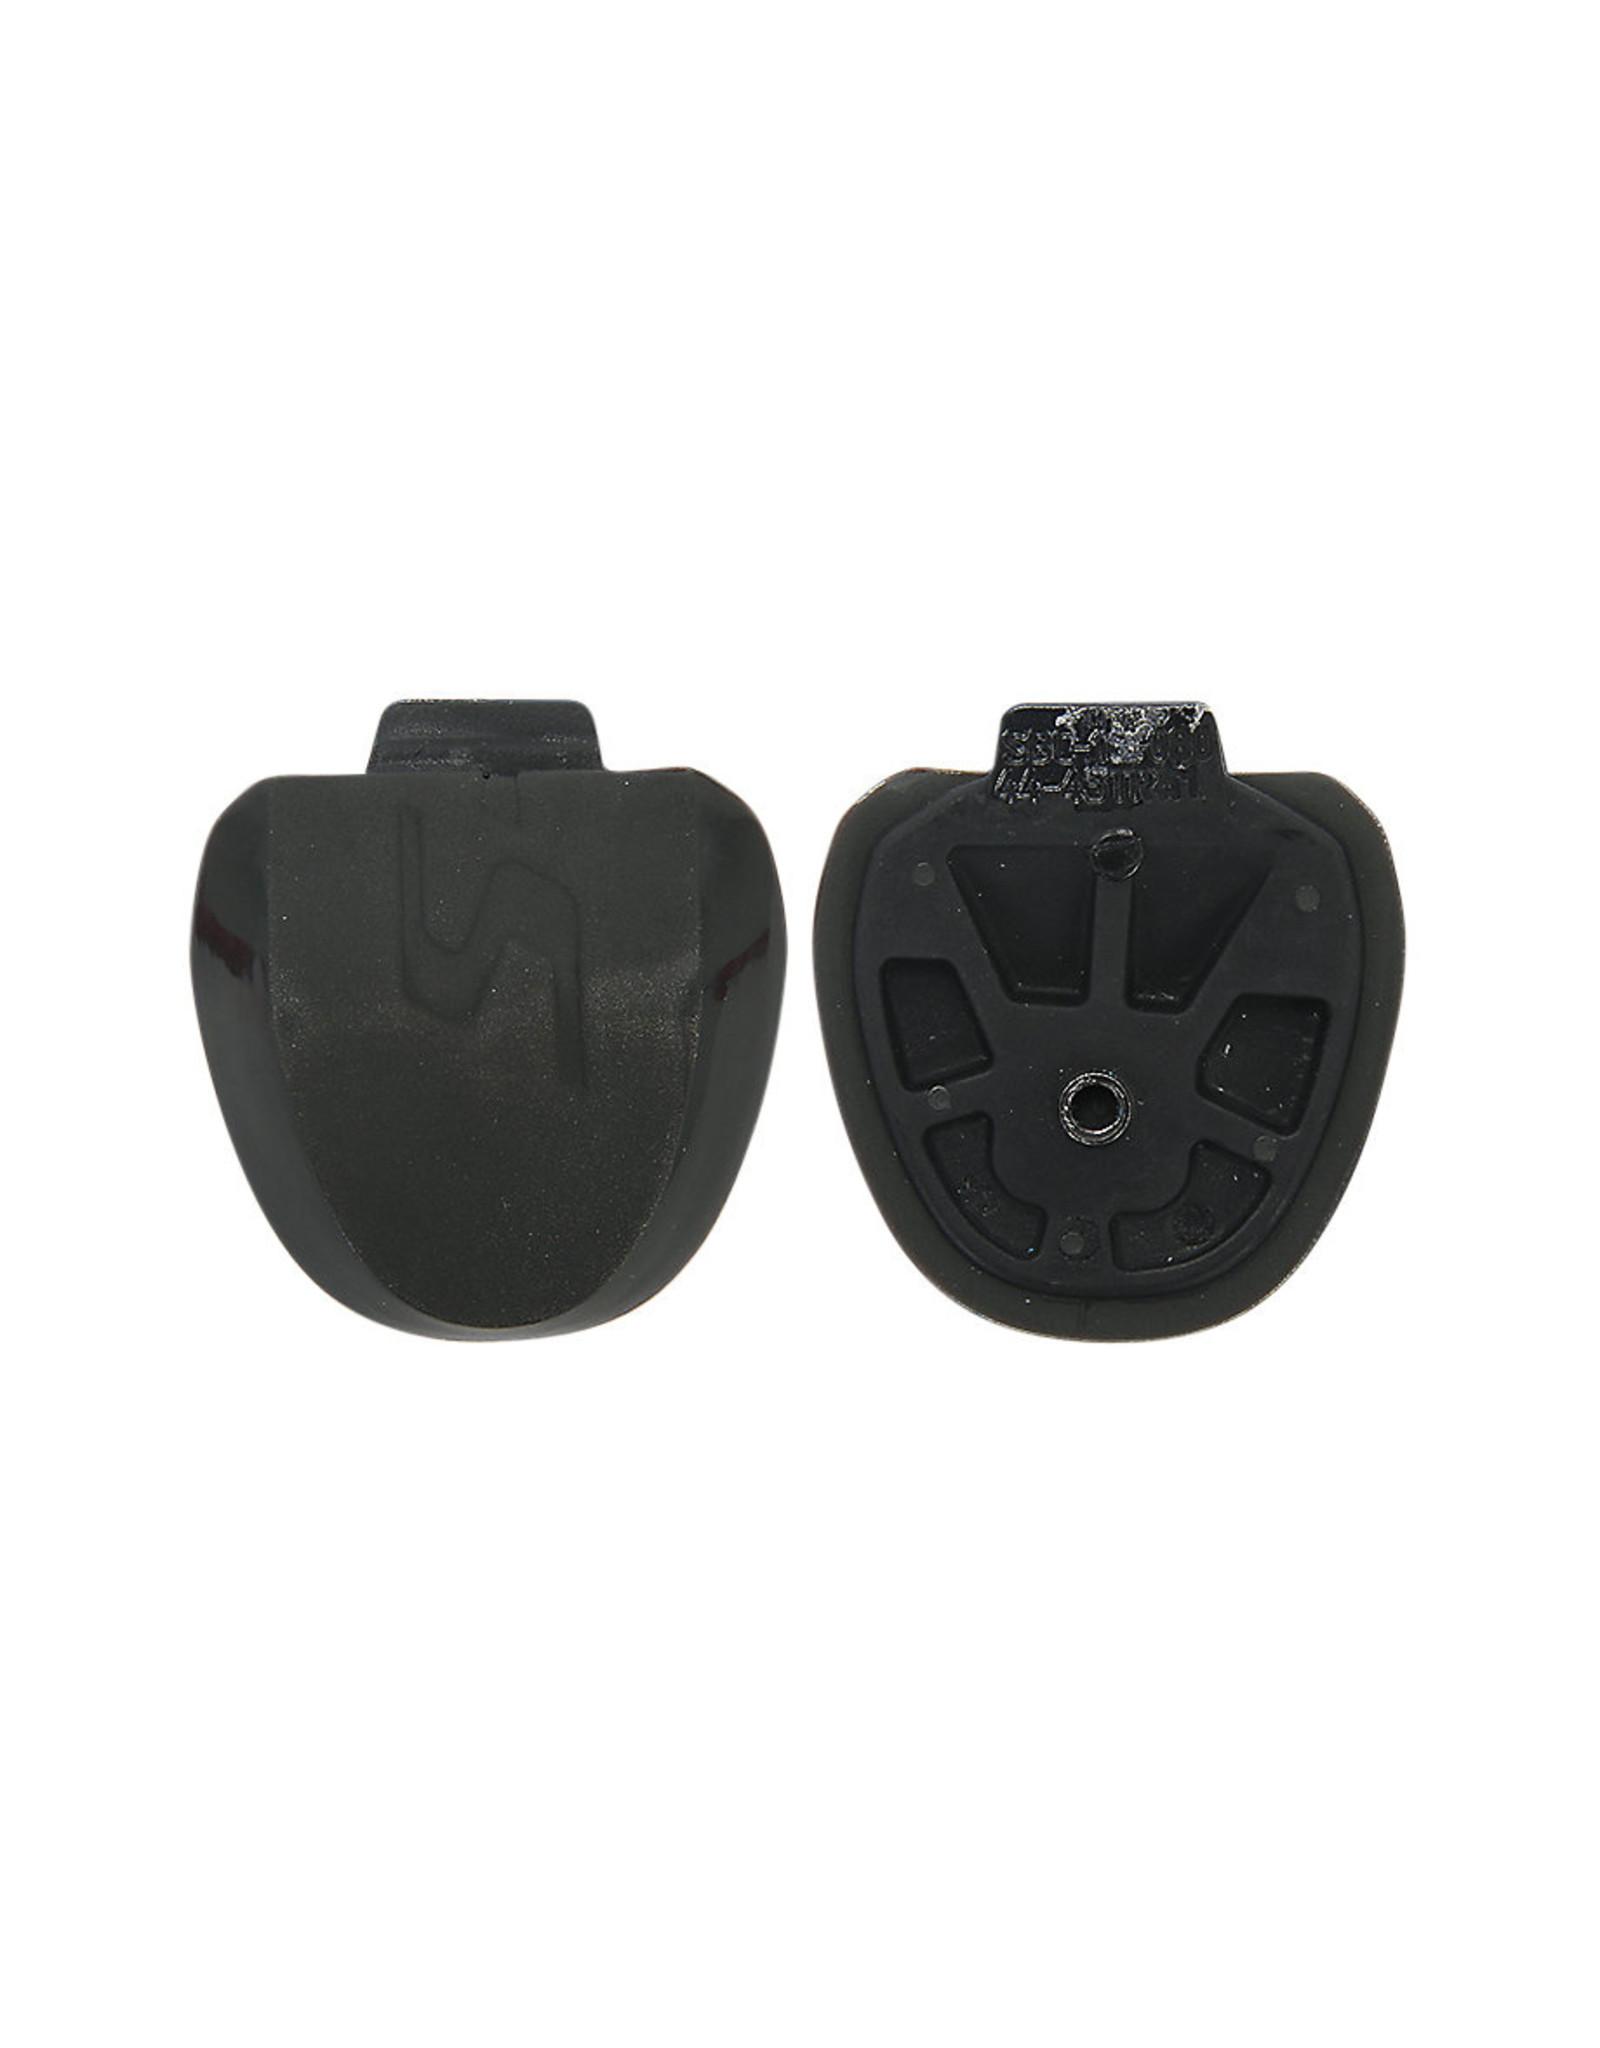 SPECIALIZED Specialized S-Works 6 Sub 6 Heel Lugs Blk 44-45.5